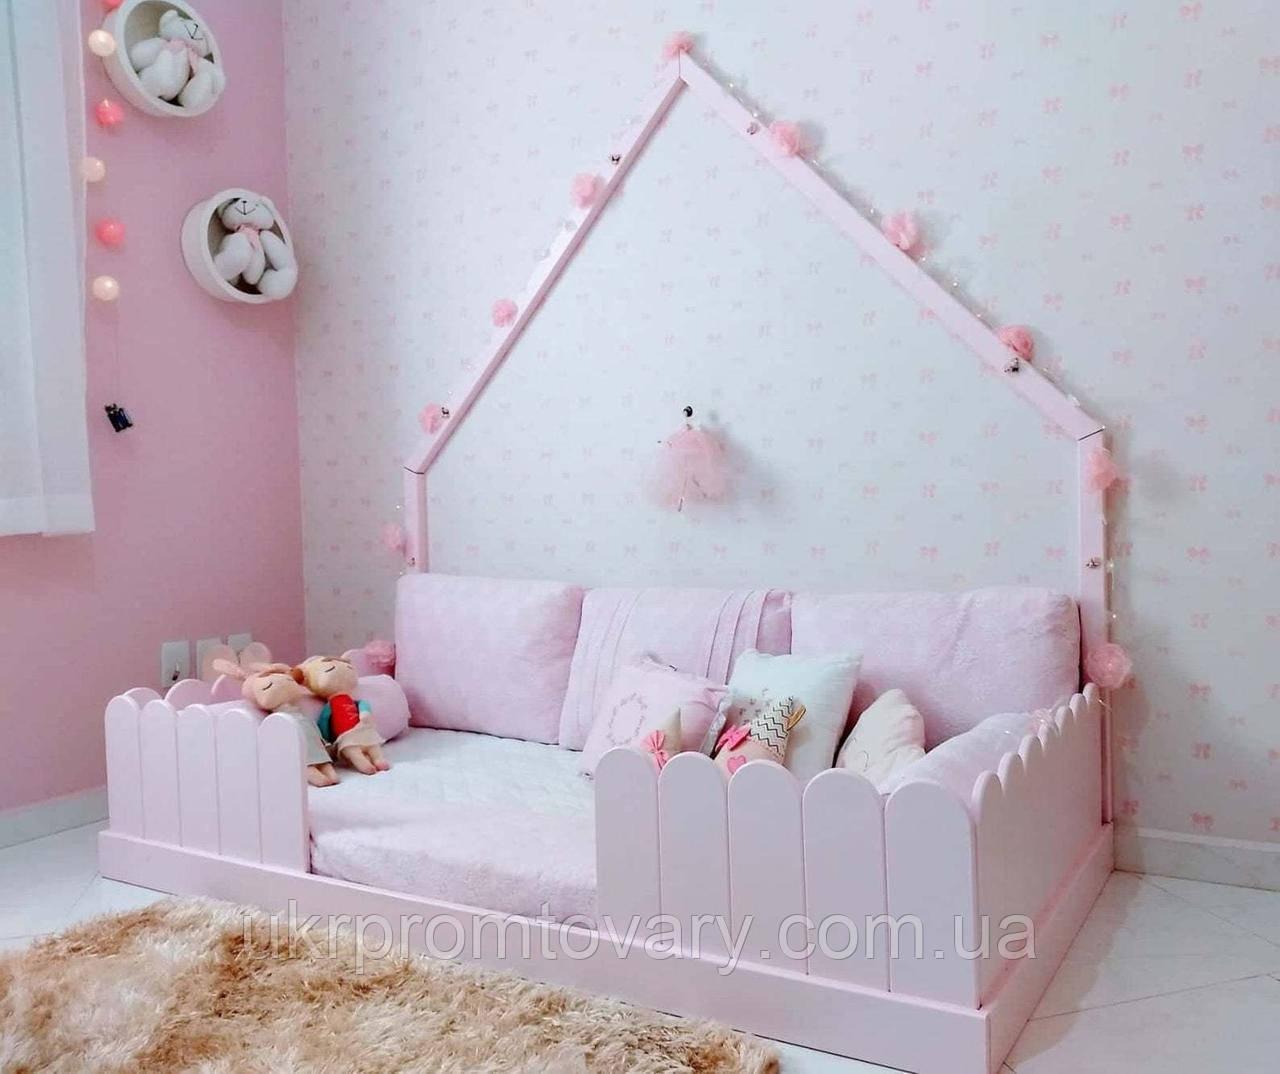 Кровать LOFT DESIGN 6409, НАТУРАЛЬНОЕ ДЕРЕВО, мебель Лофт Производство в Киеве